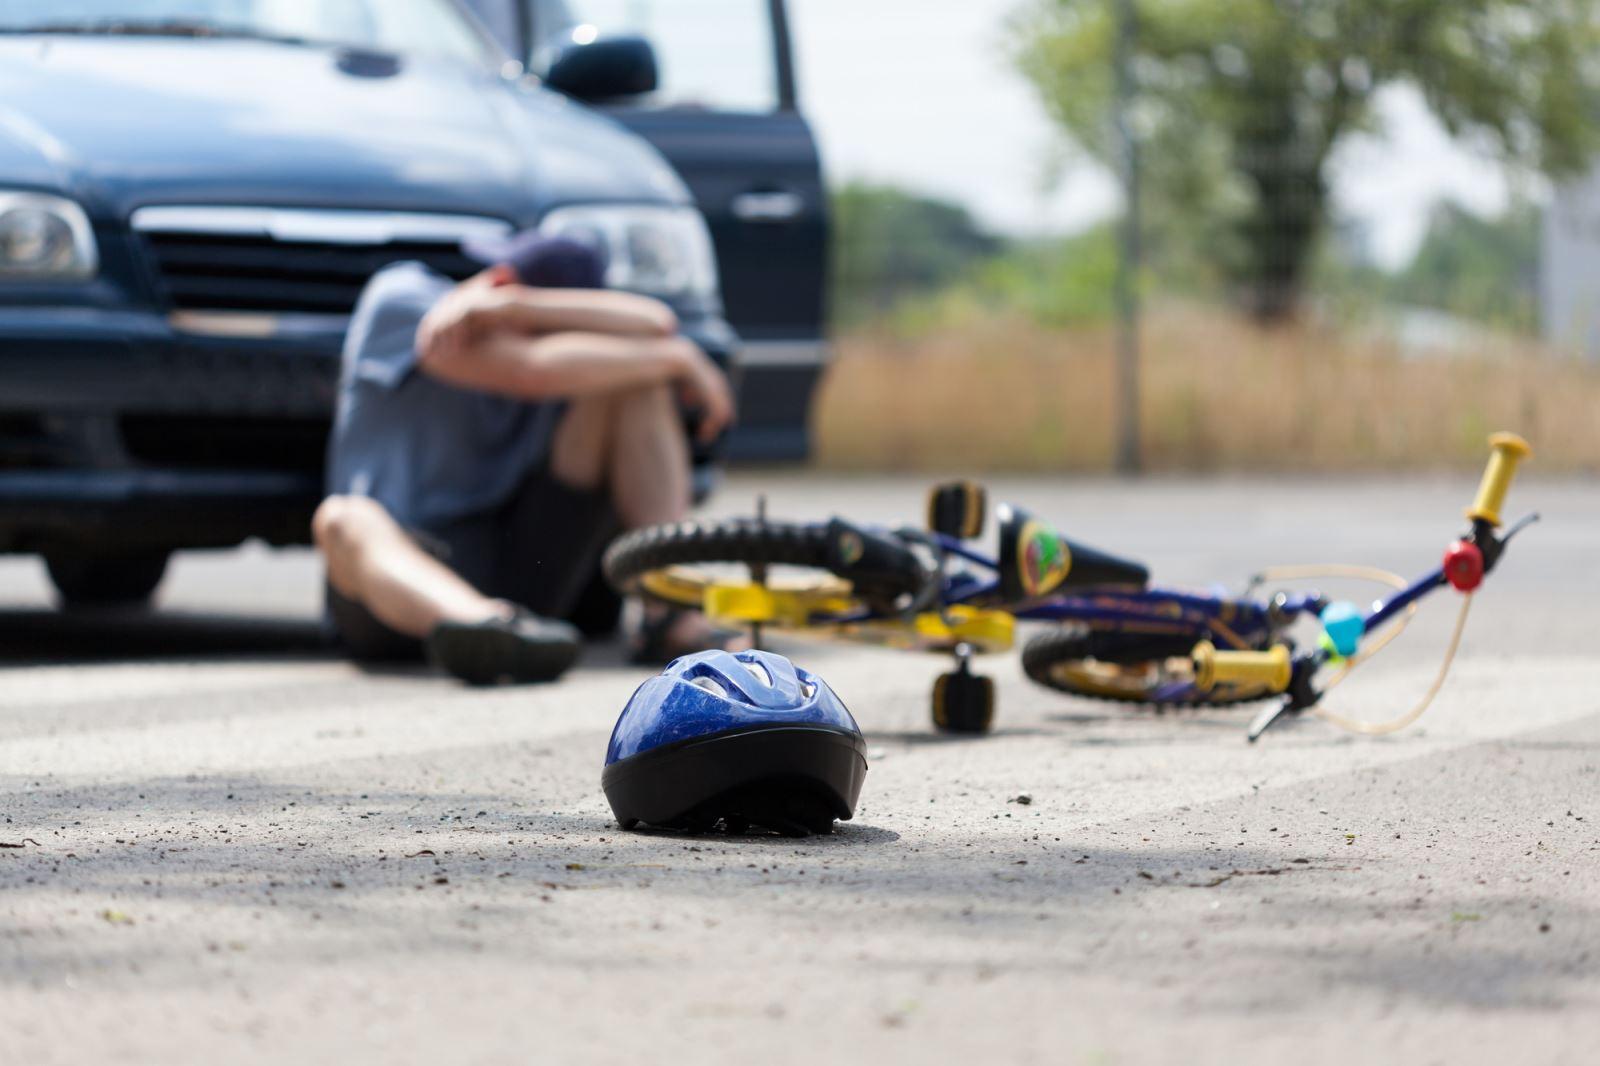 לקראת יום כיפור: קרוב לאלף ילדים ובני נוער נפגעו ברכיבה על אופניים בעשור האחרון בערים, שניים נהרגו בכיפור הקודם